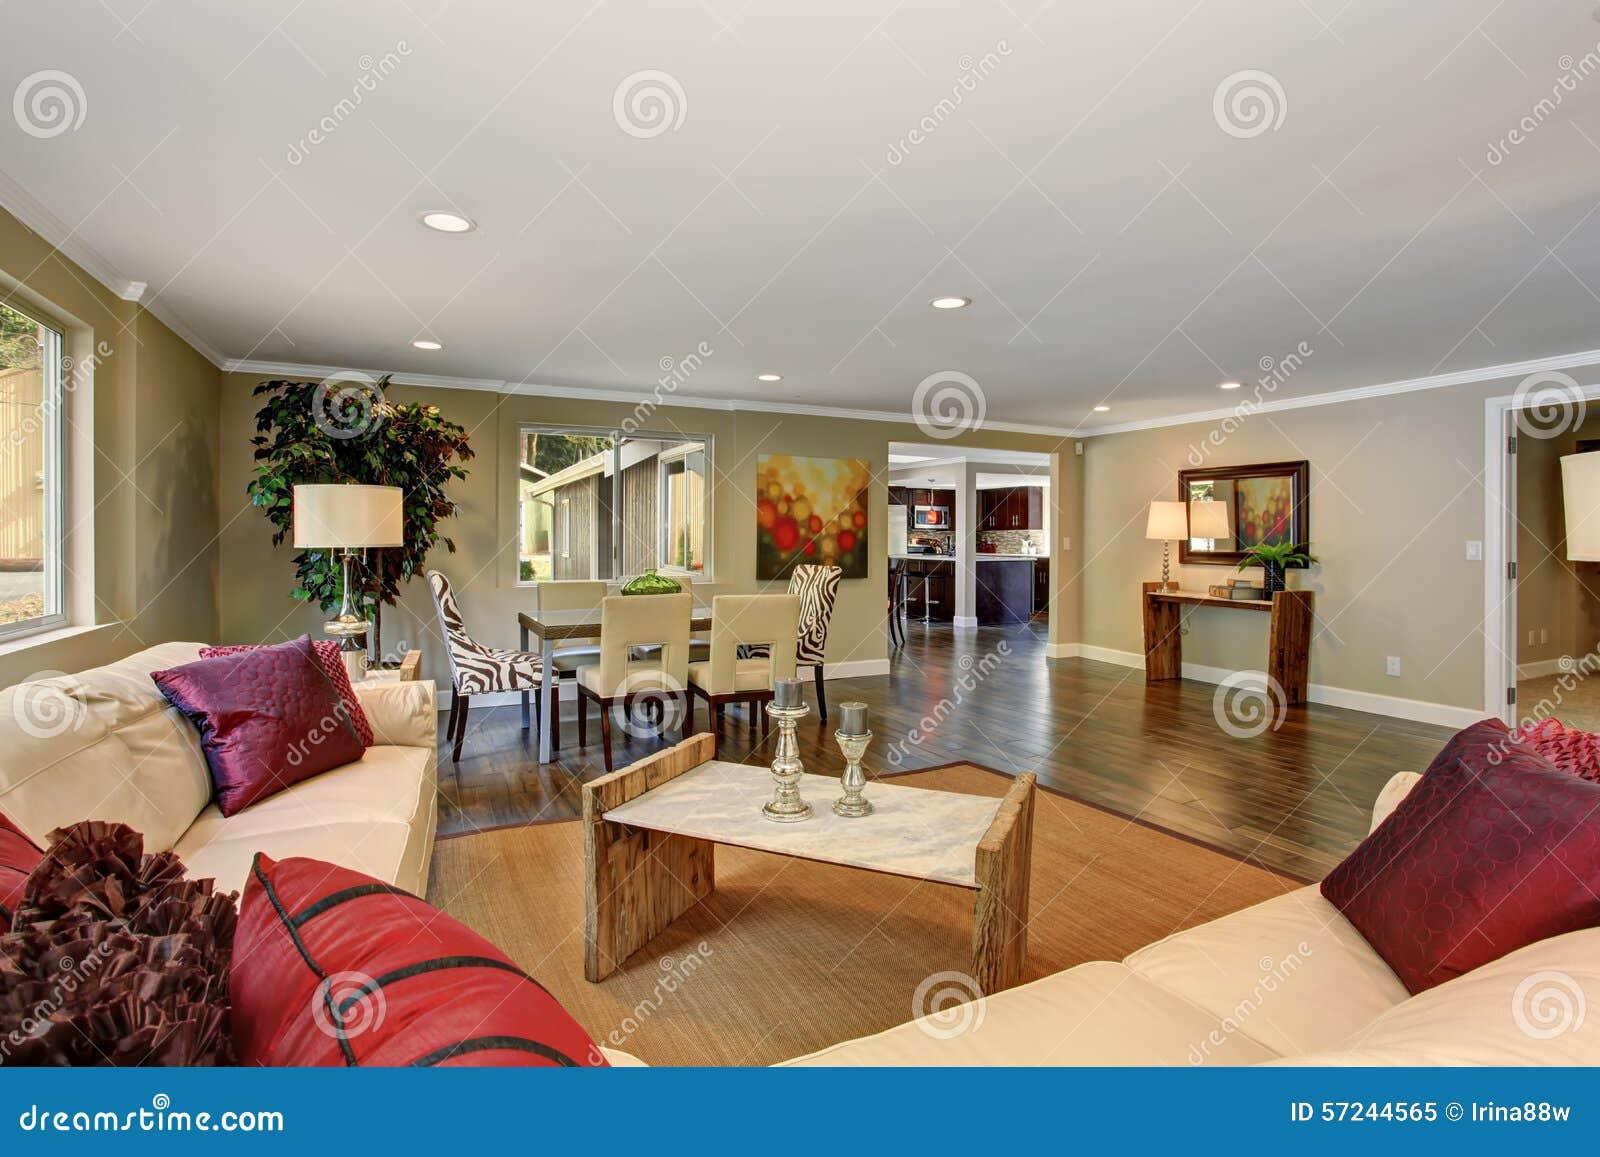 Großes Wohnzimmer Mit Sofas Des Weißen Leders Stockbild - Bild von ...